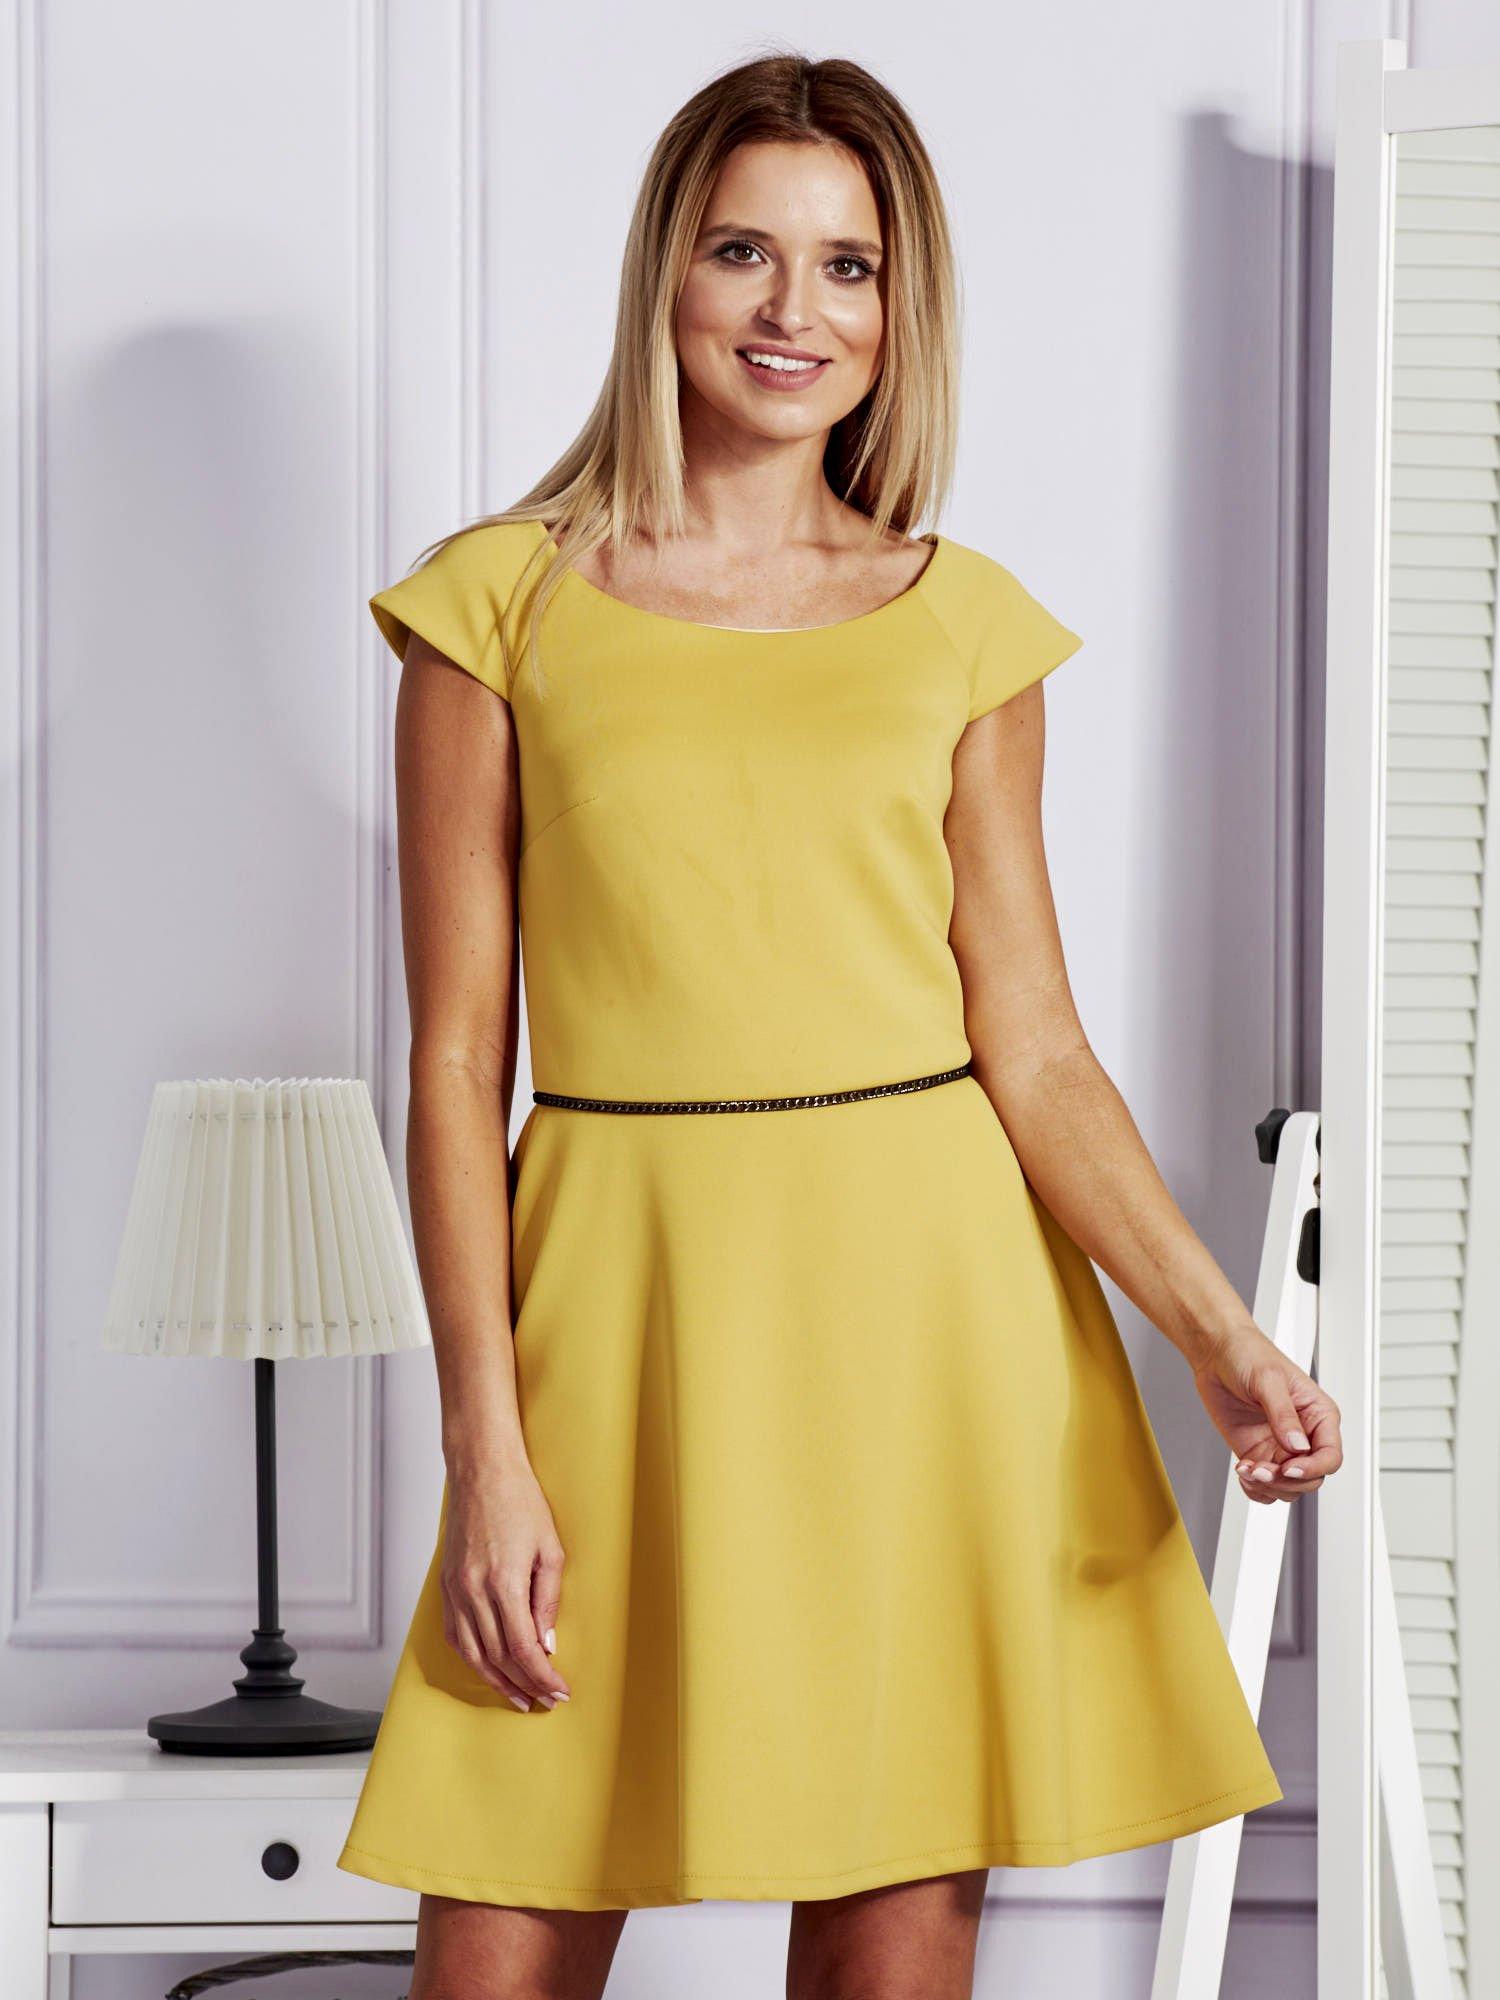 6b83ab5b19 Sukienka koktajlowa z błyszczącym paskiem żółta - Sukienka ...